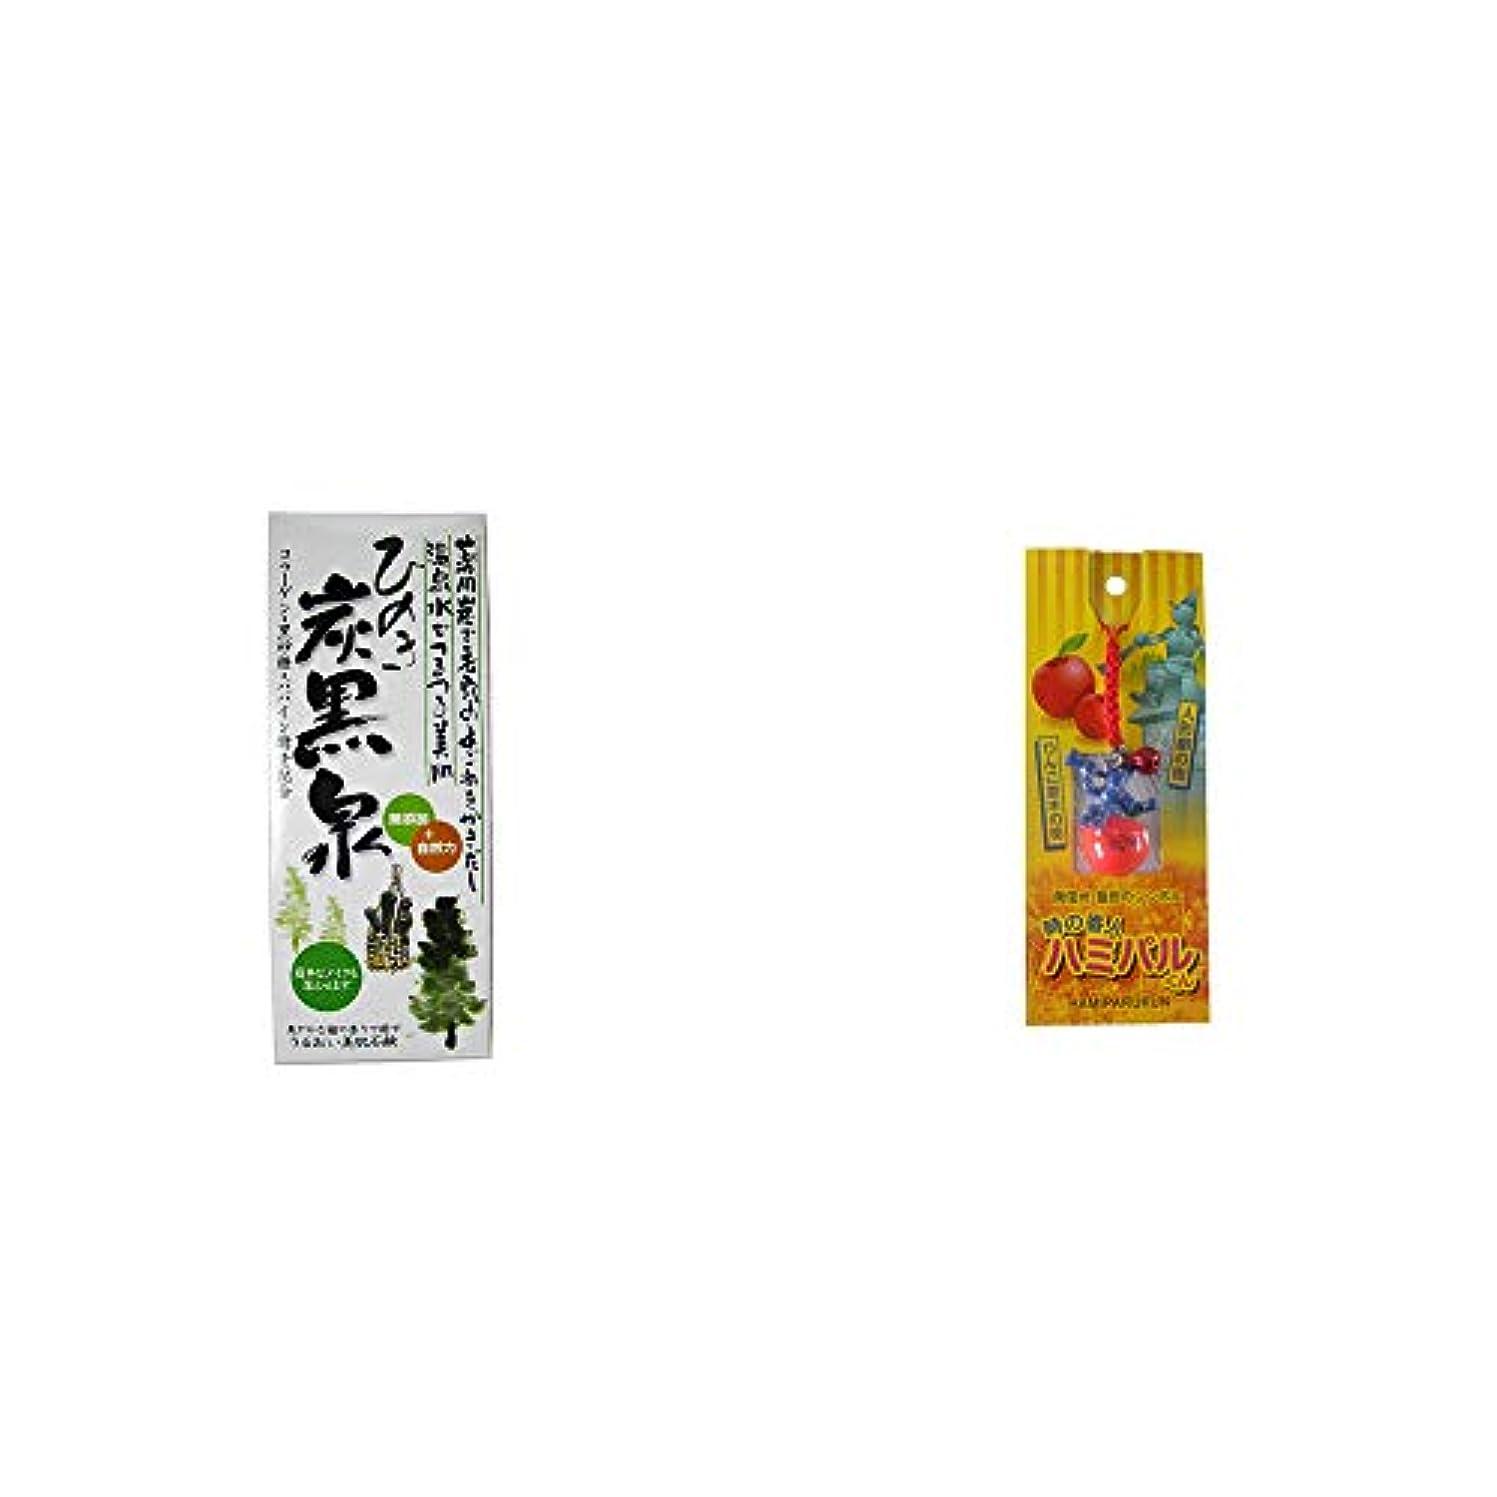 楽なブランチ準備ができて[2点セット] ひのき炭黒泉 箱入り(75g×3)?信州?飯田のシンボル 時の番人ハミパルくんストラップ